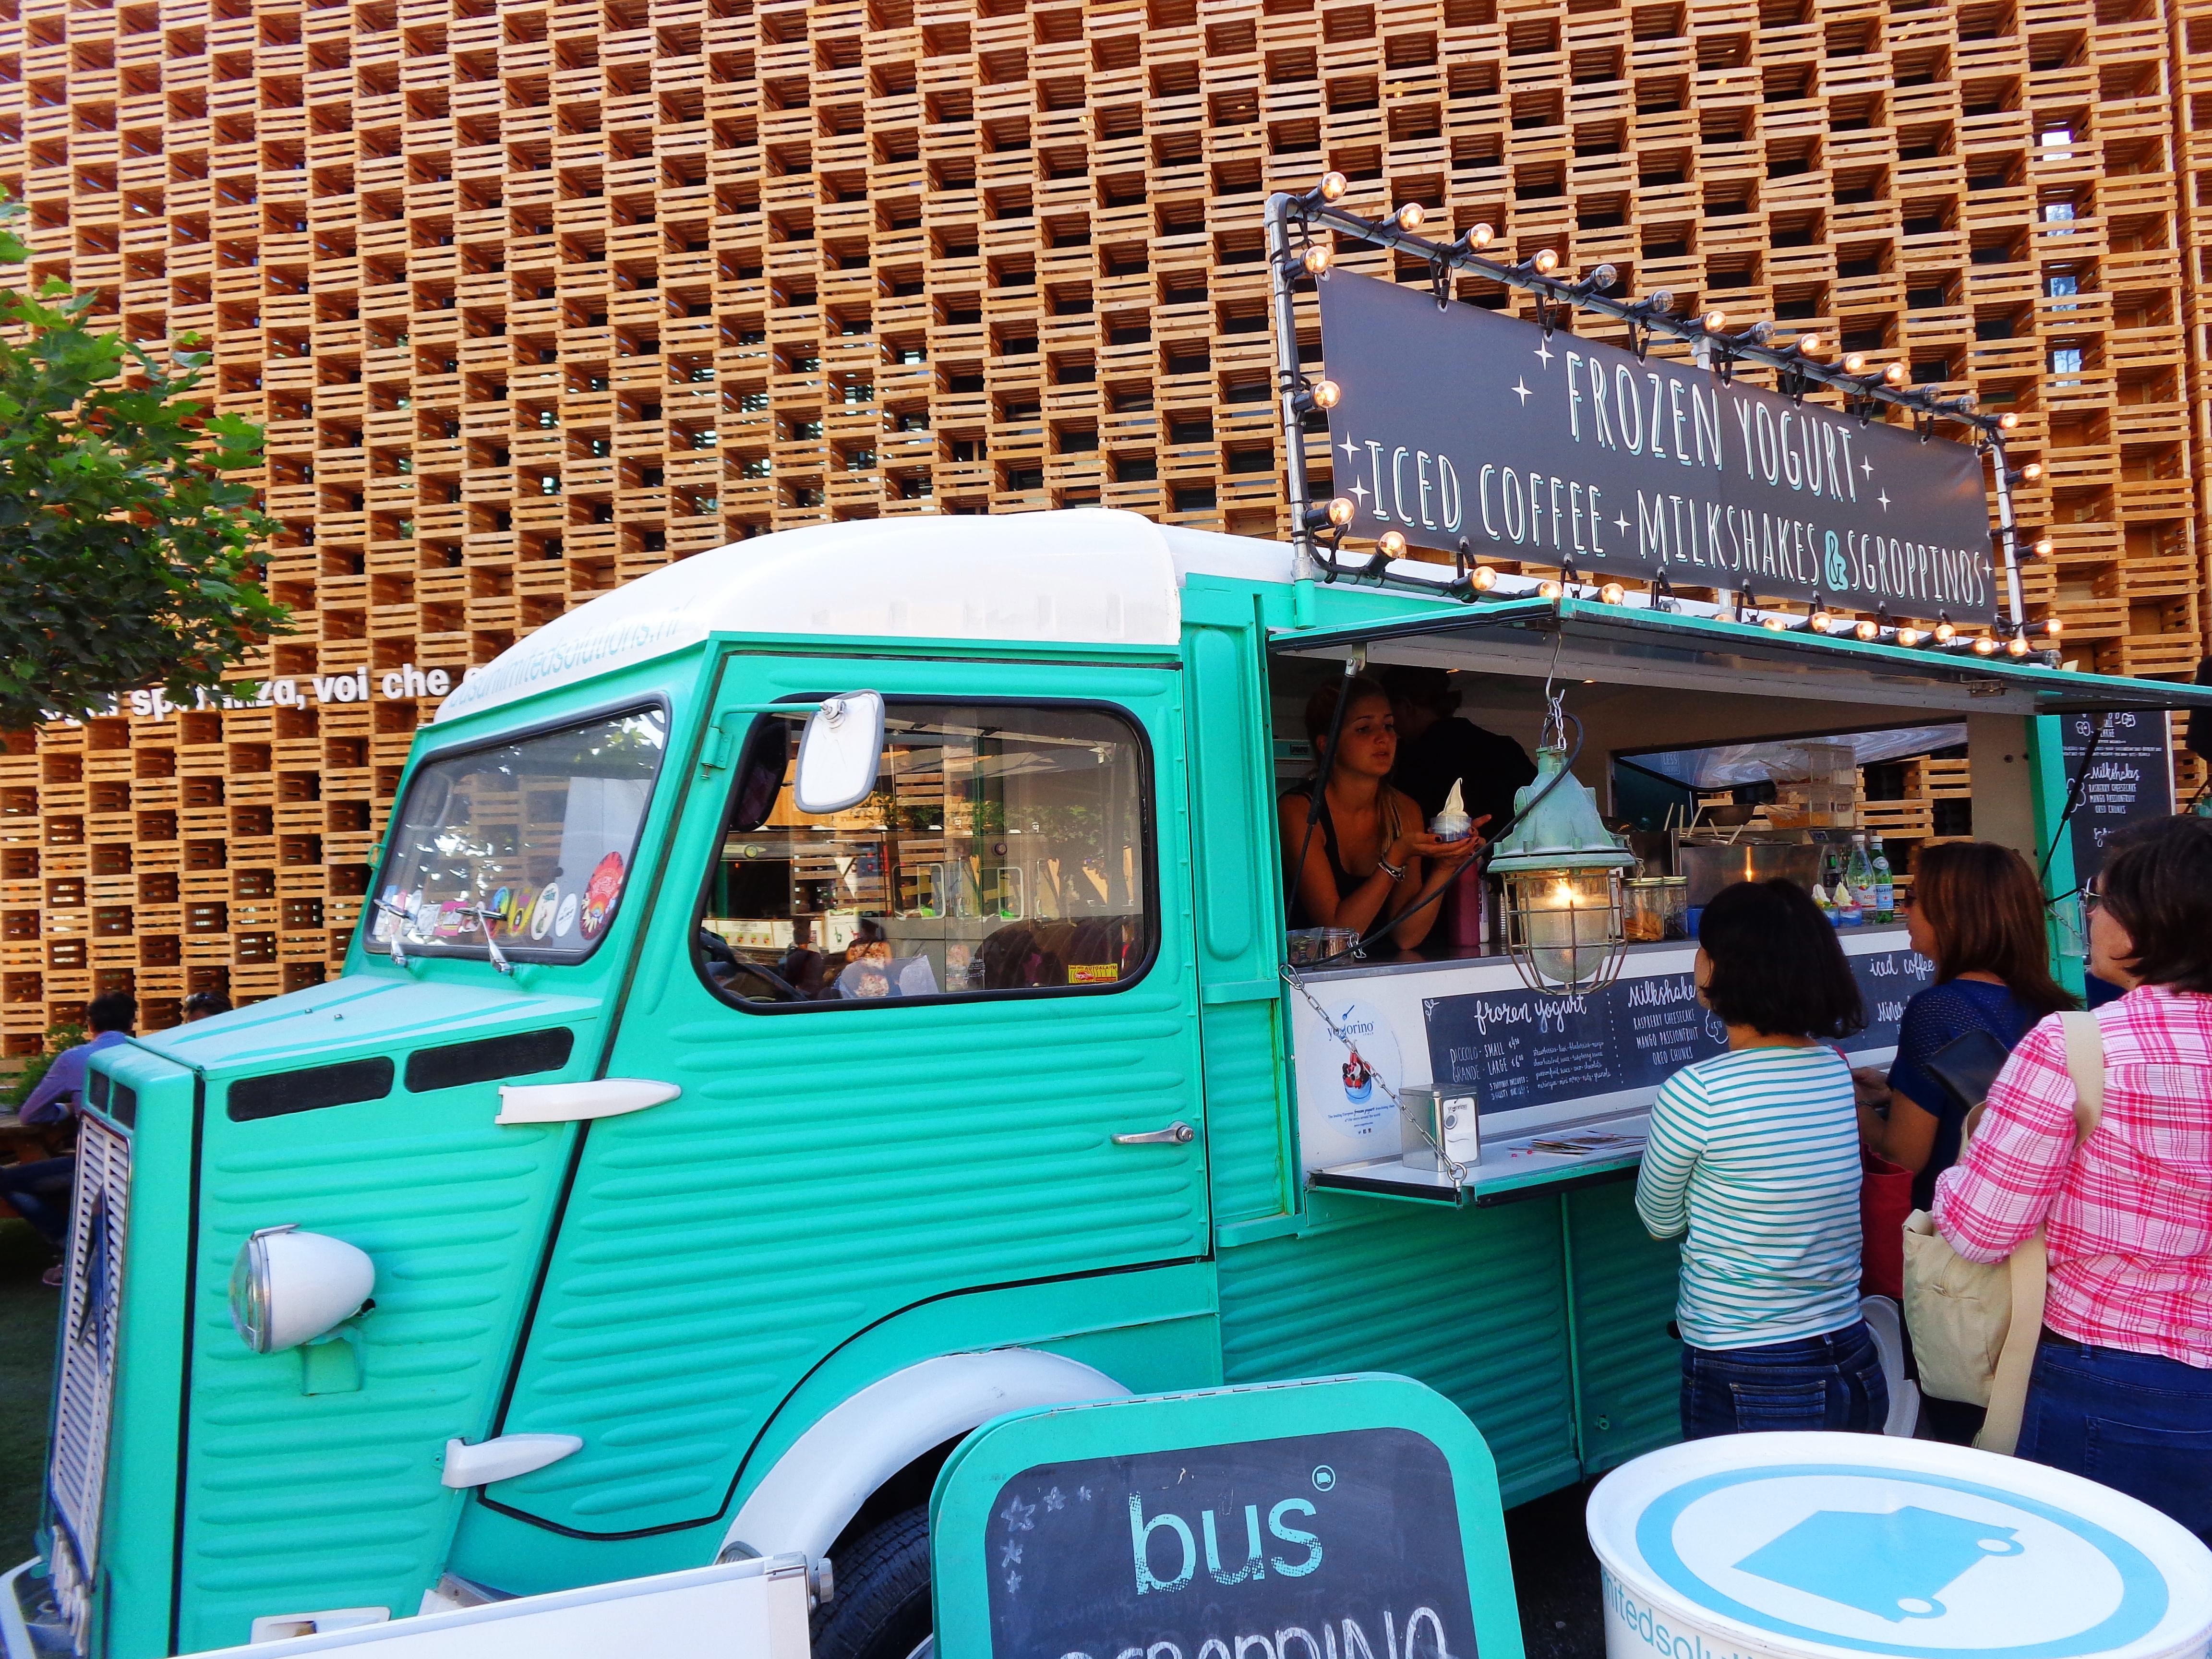 Holenderski pawilon zdominowały food trucki. Można było skosztować mrożonego jogurtu…